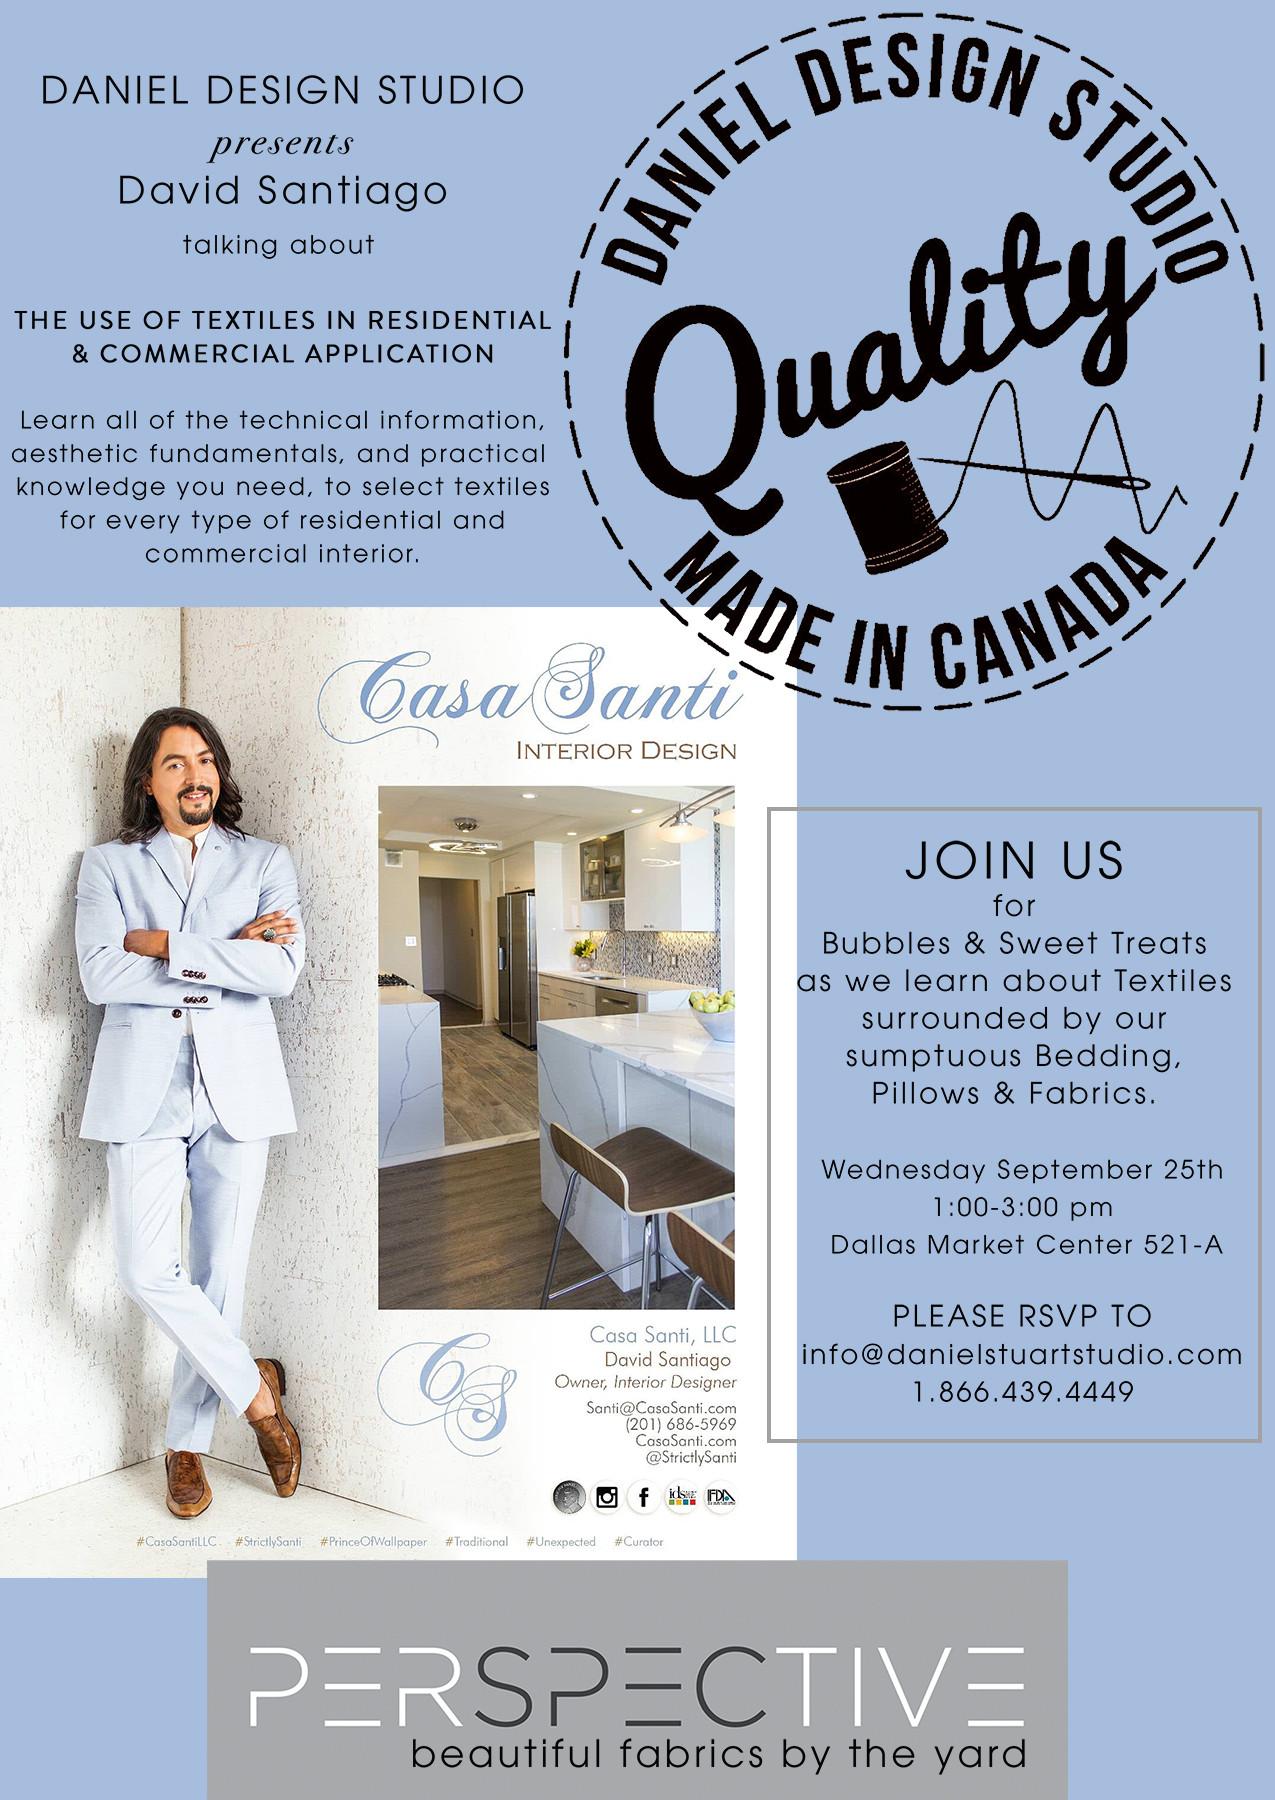 Daniel Design Studio - Dallas Market Center